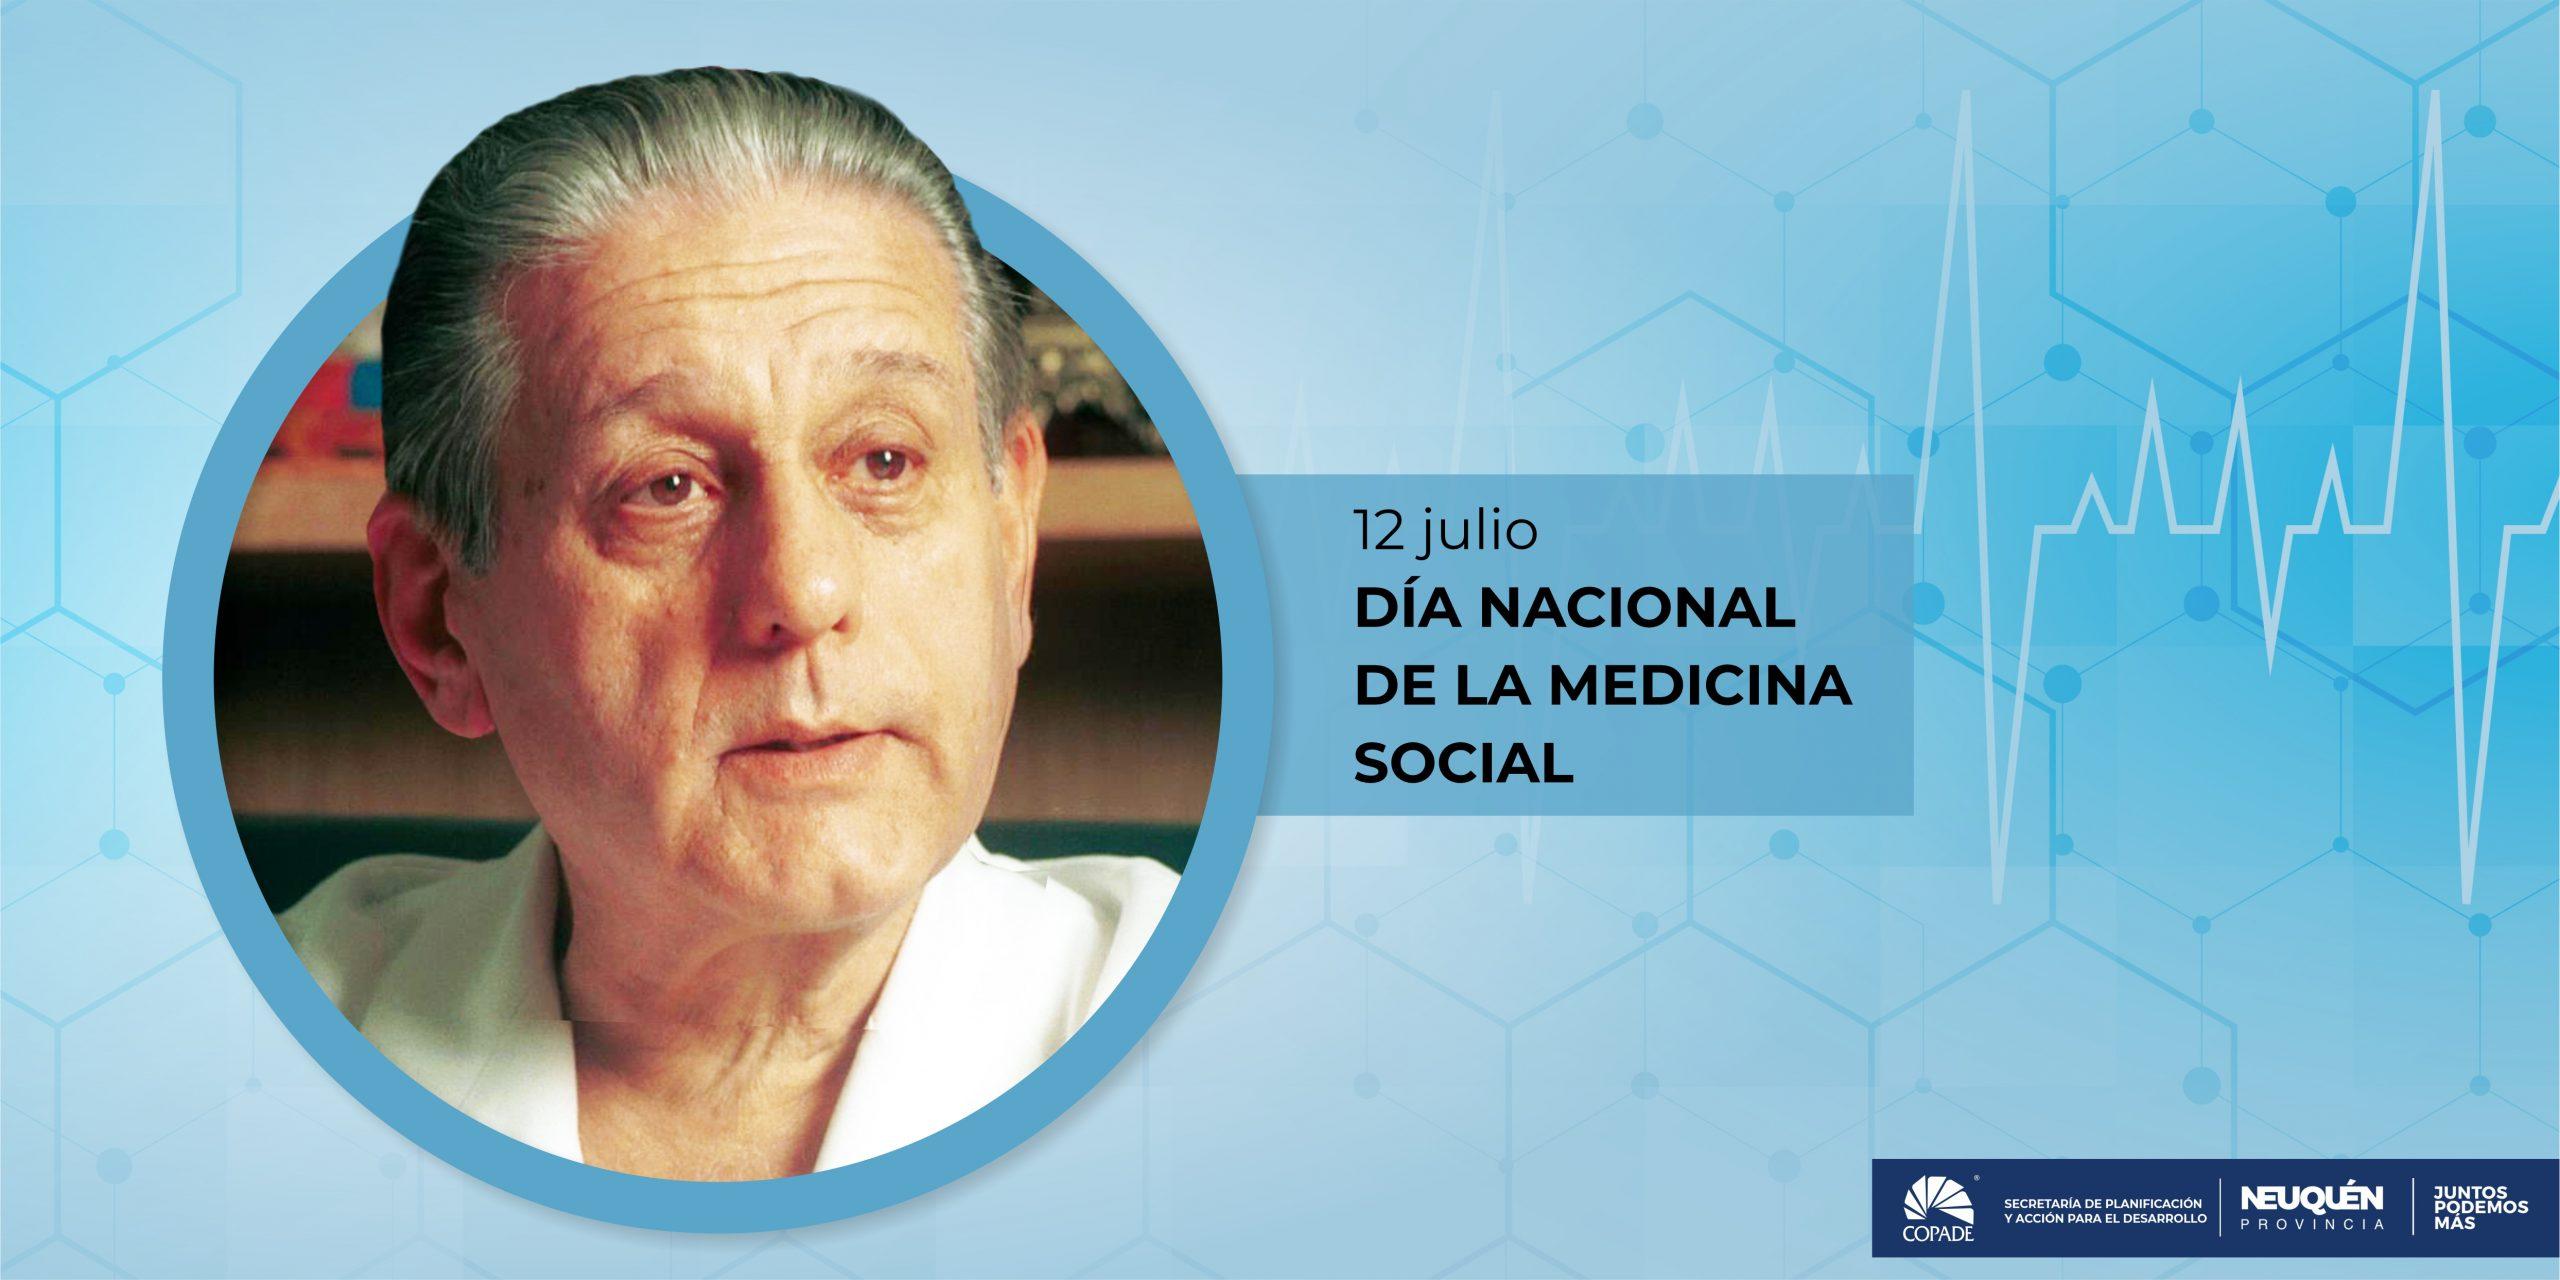 12 de Julio | Día Nacional de la Medicina Social